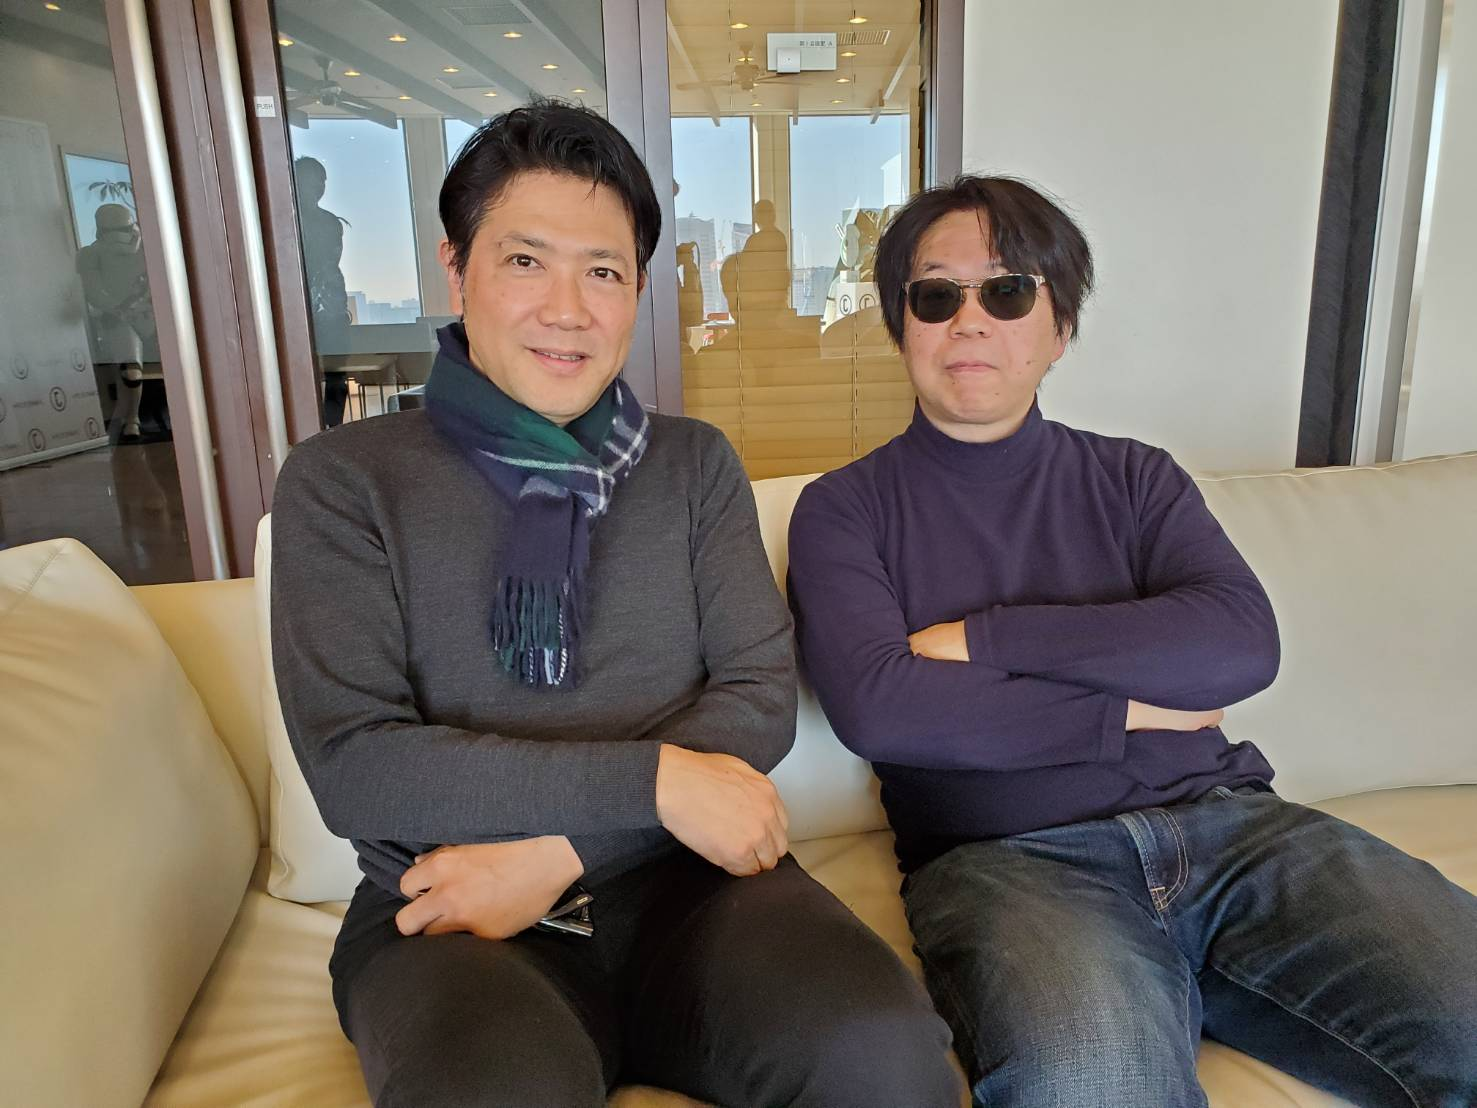 アニメ監督・渡辺信一郎「夢が叶った」『キャロル&チューズデイ』成功を振り返る